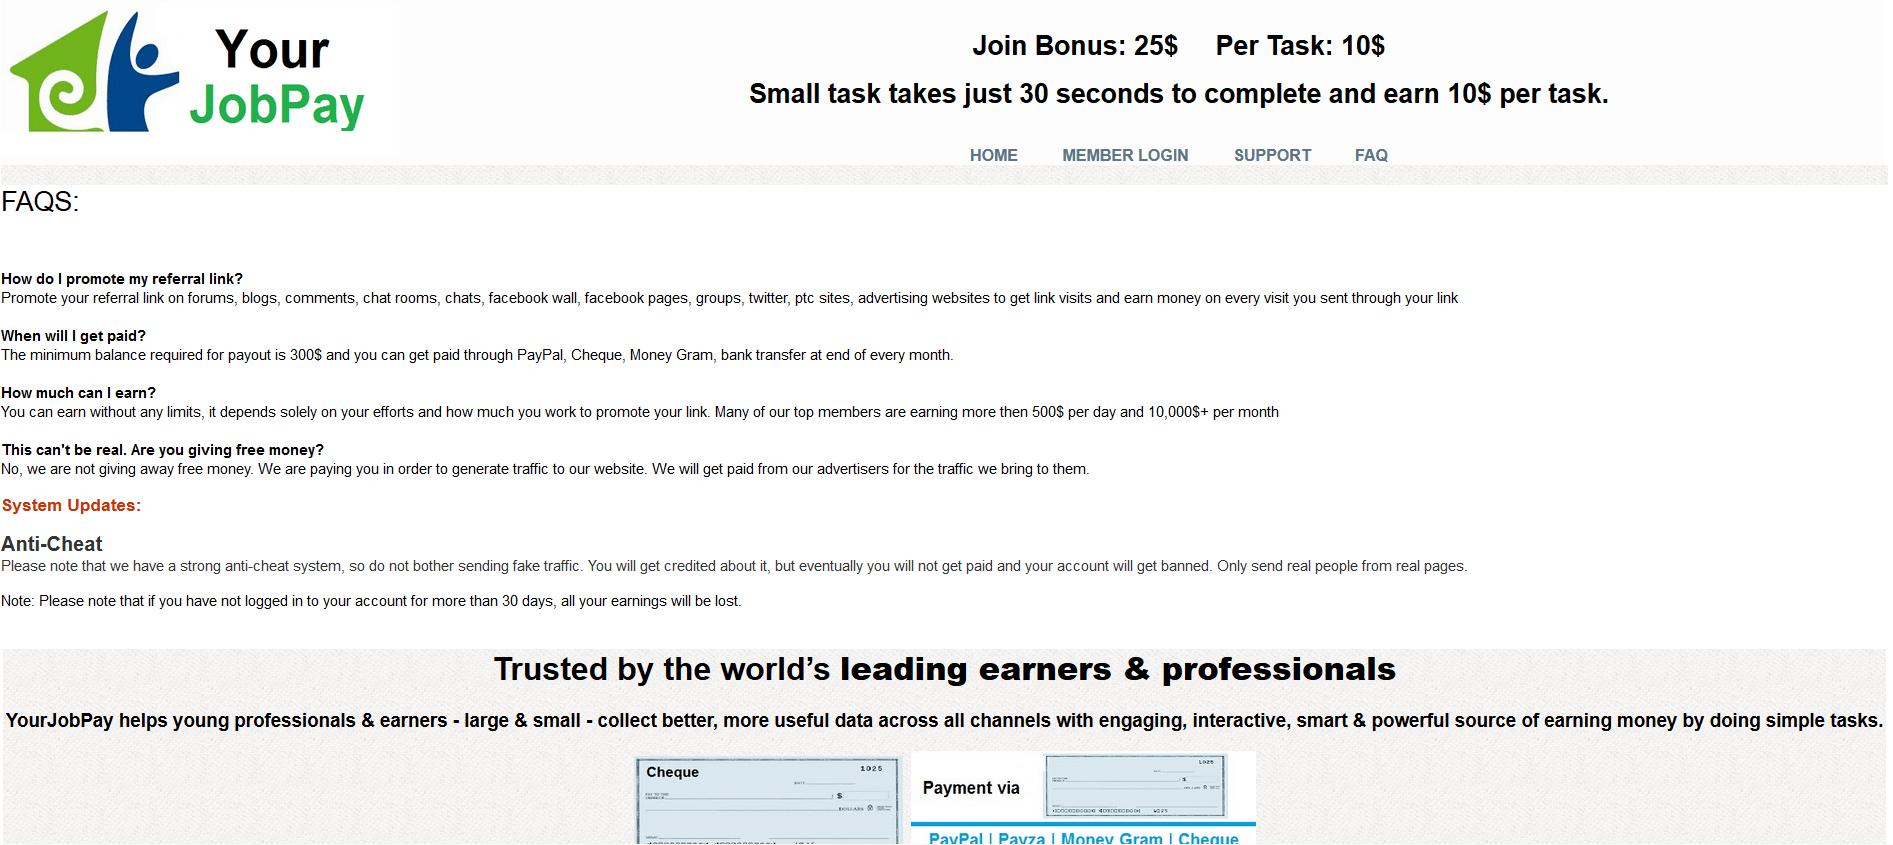 yourjobpay FAQ